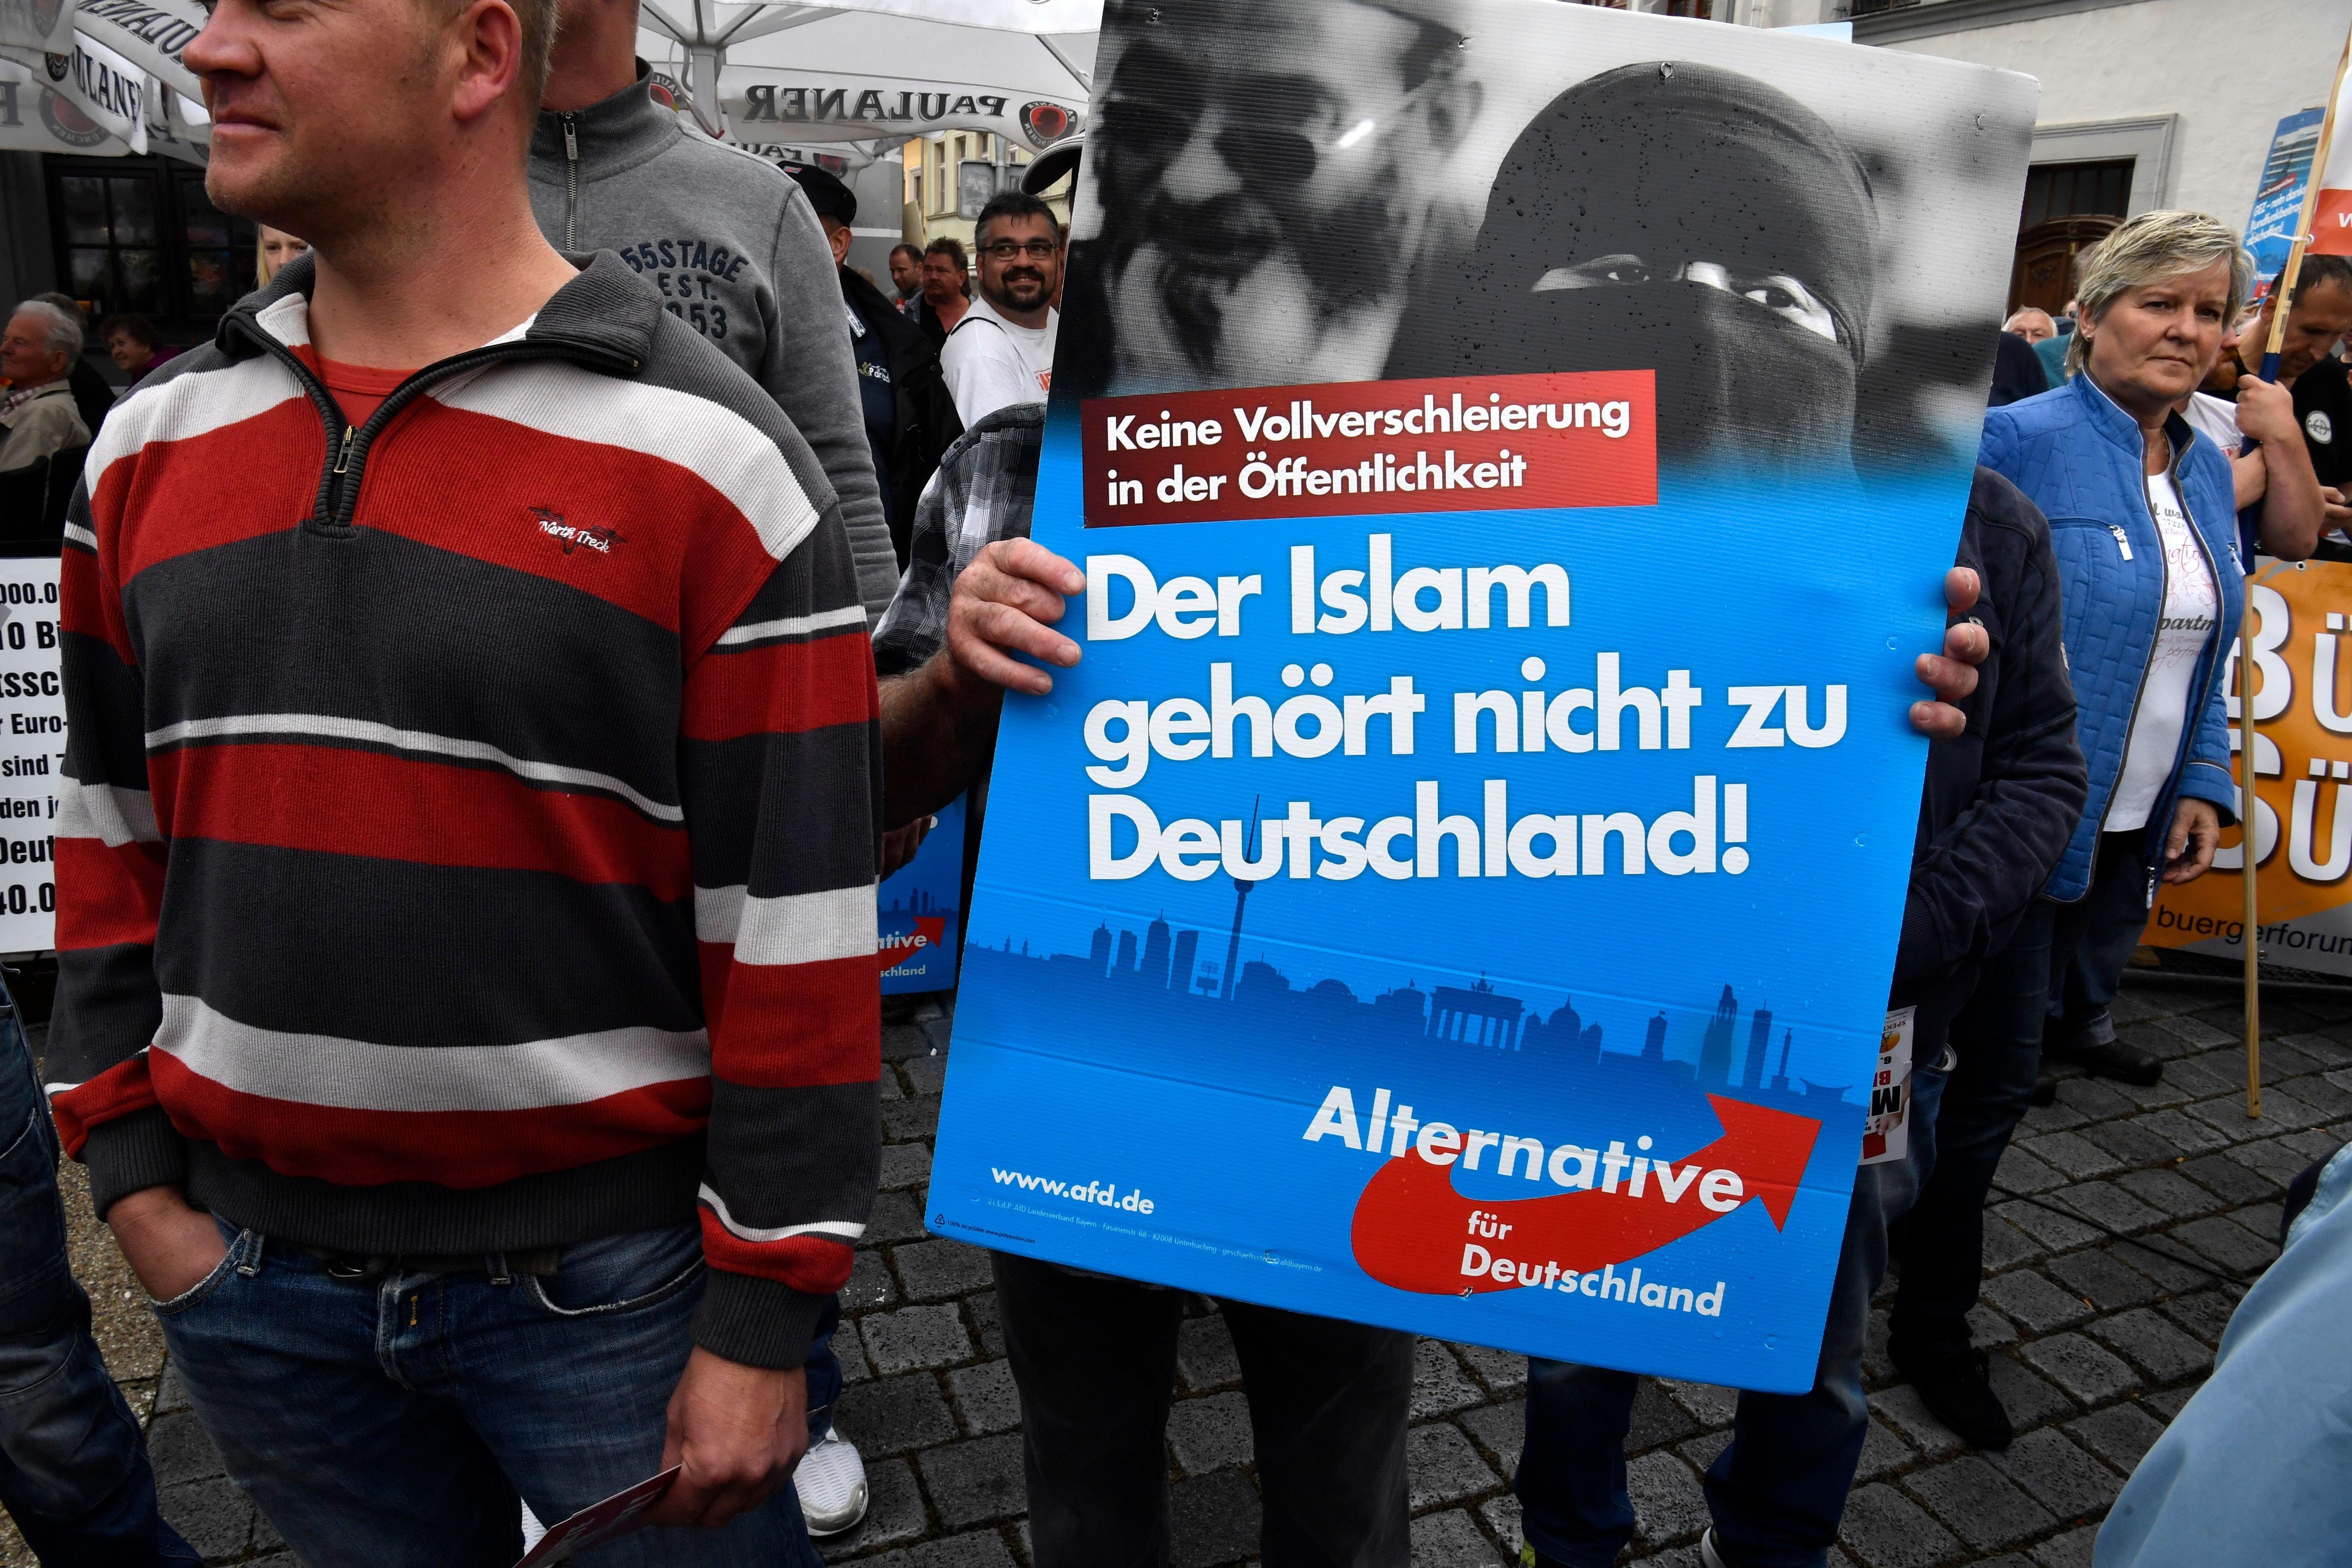 Ex-AfD-Vorstandsmitglied aus Brandenburg ist zum Islam konvertiert